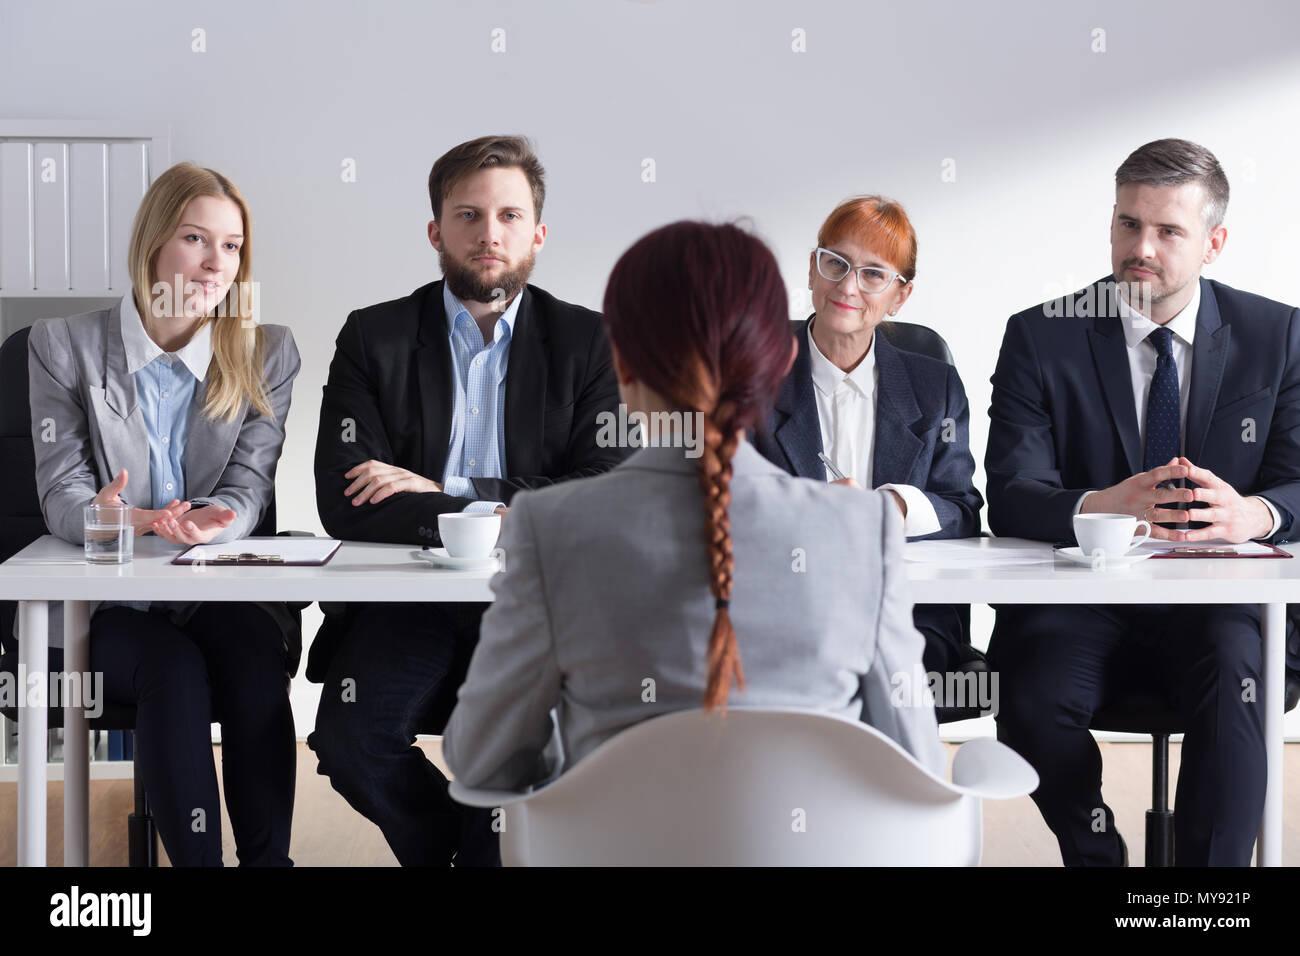 Donna durante il colloquio di lavoro e quattro imprenditori seduti a tavola per ufficio Immagini Stock